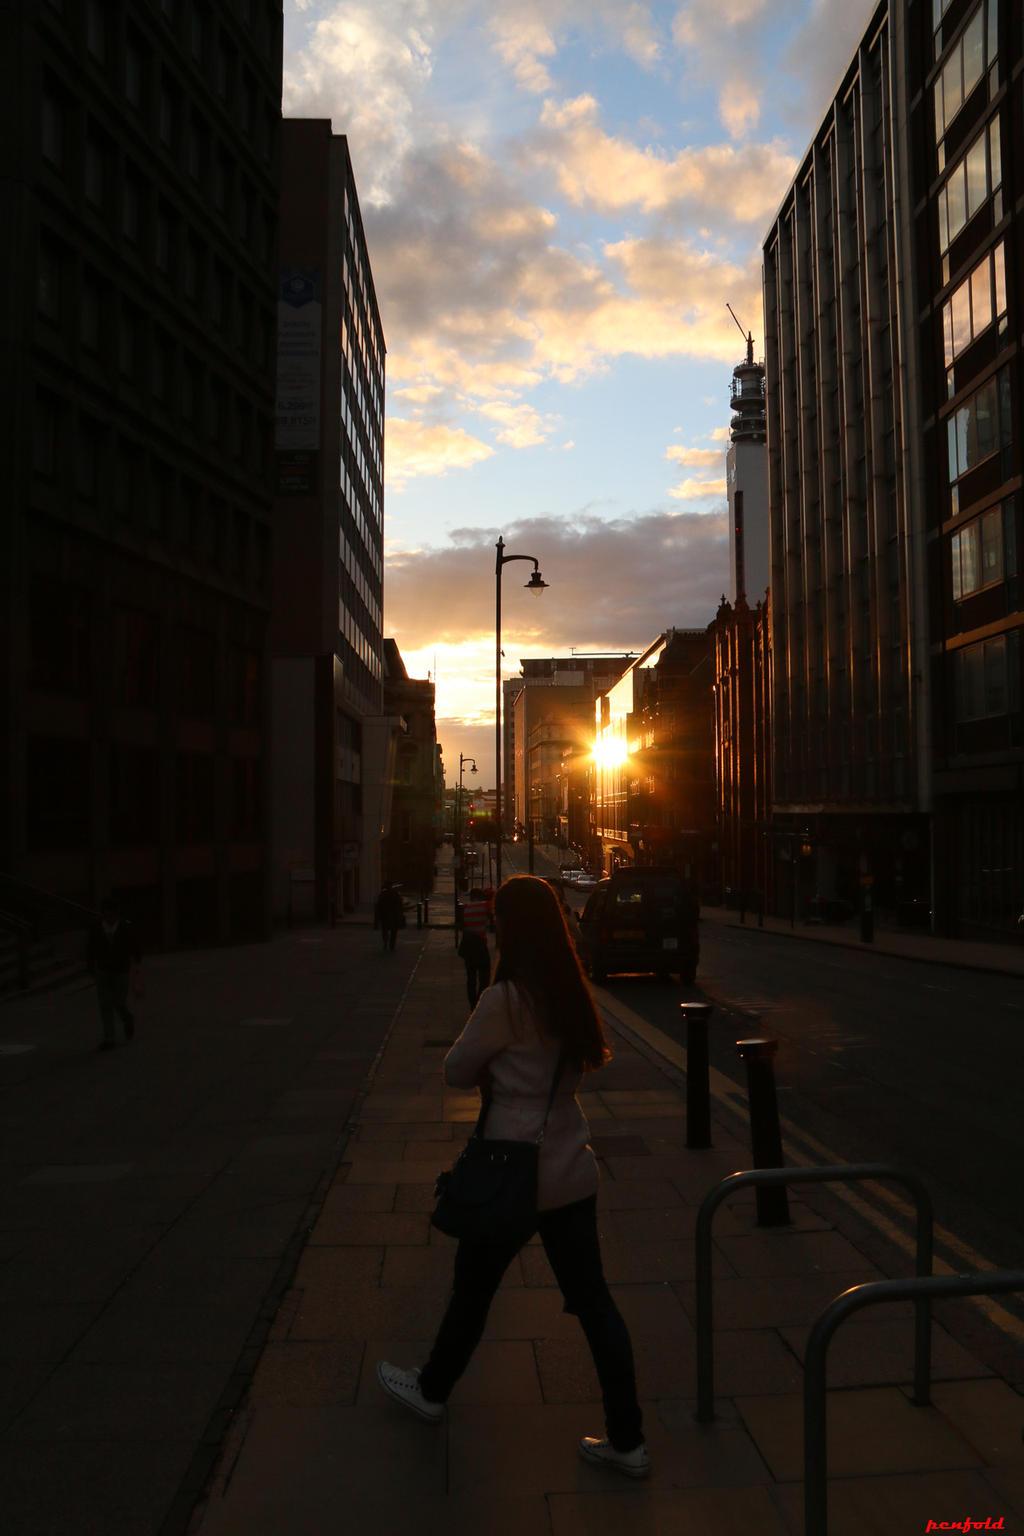 Street by penfold73